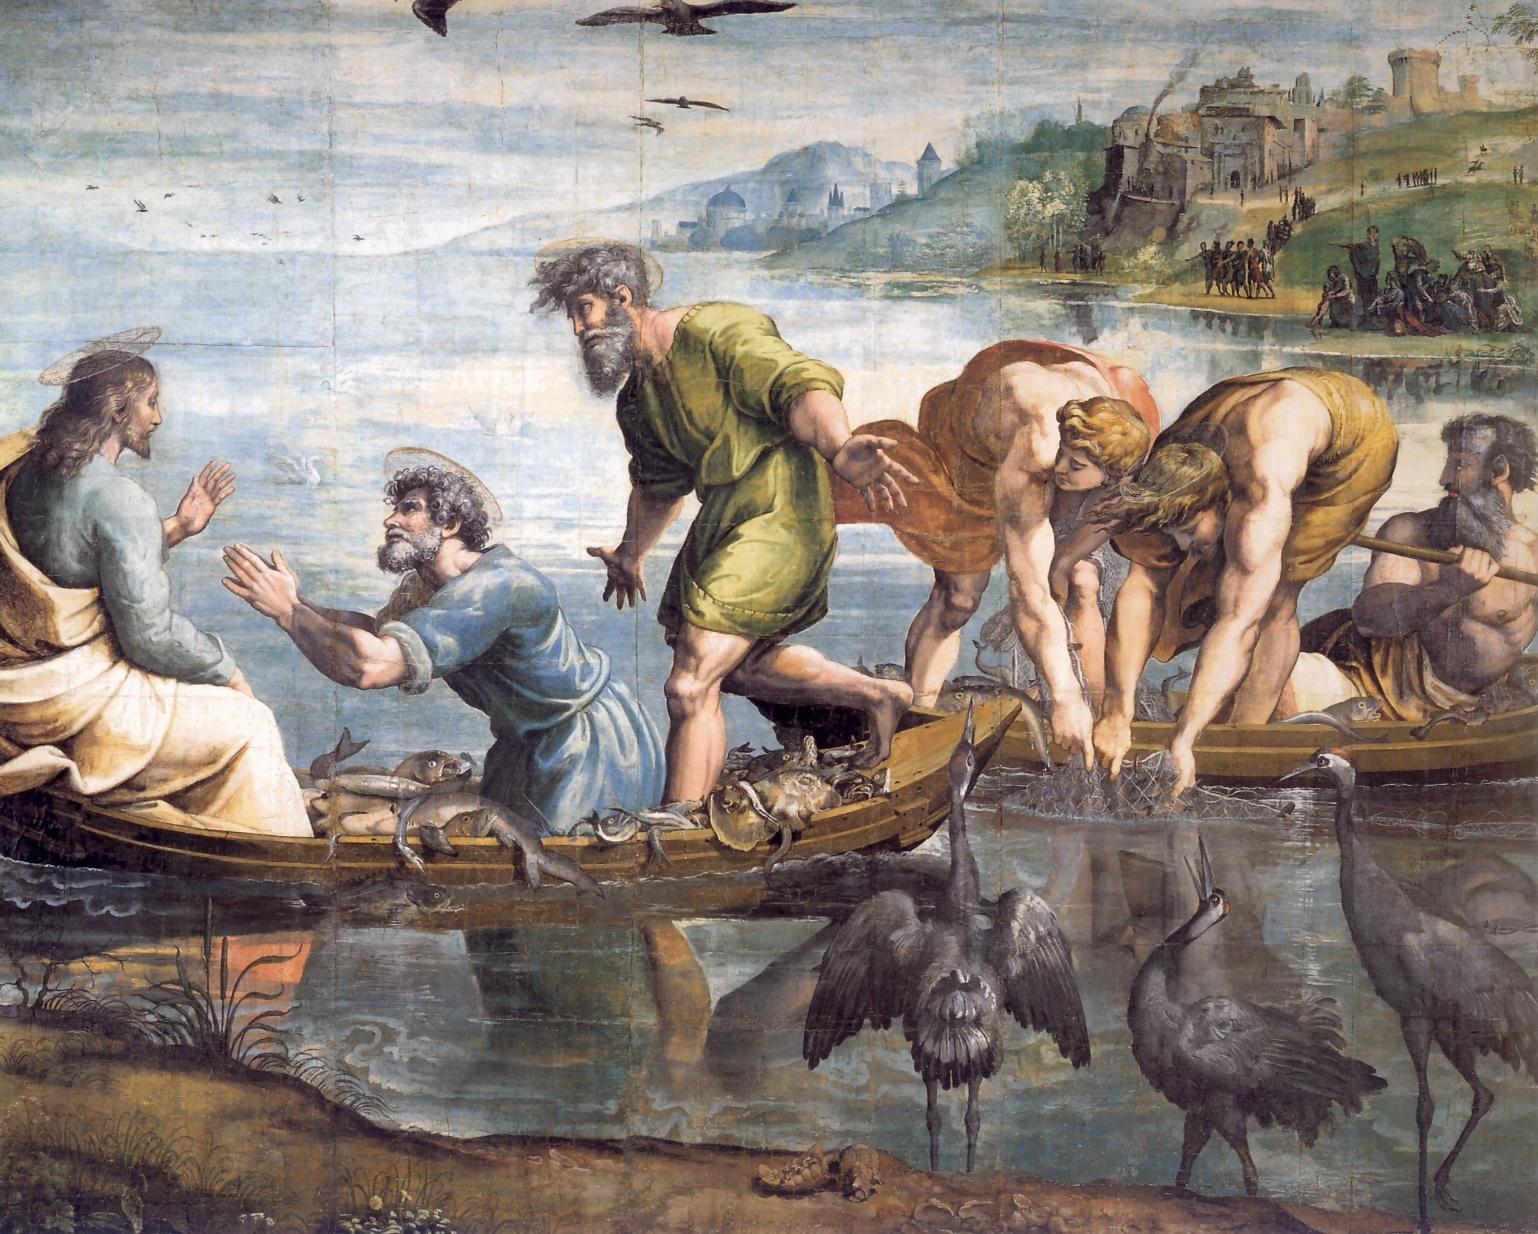 """Raffaello Sanzio, La pesca miracolosa, tempera su carta, 1515-1516, Victoria and Albert Museum, Londra. La Pesca miracolosa è un dipinto a tempera su carta ed è uno dei cartoni preparatori per gli arazzi della Cappella Sistina. Il cartone riflette specularmente la scena dell'arazzo, per la tecnica a basso liccio in cui i modelli sono tenuti sotto l'ordito, che poi viene rovesciato. La scena si ispira a un passo del Vangelo di Luca (V, 4 e ss.) ed è quasi interamente riferita alla mano del maestro. La scena va letta da destra, dove gli apostoli, legando gesti e sguardi, conducono l'occhio dello spettatore verso la figura di Cristo. Tutto è ambientato in un vasto e luminoso paesaggio, con fini notazioni naturalistiche: il paese in riva al lago, i pesci vividi nelle barche dei pescatori, la flora e la fauna lacustre, soprattutto i tre aironi in primo piano. Raffaello, consapevole del confronto con Michelangelo in Cappella, impostò i disegni con un crescendo drammatico, dove le figure prevalgono sul paesaggio e sull'architettura di sfondo, contrapponendosi in gruppi o in personaggi isolati, per facilitare la lettura delle azioni. Gli schemi sono dunque semplificati e i gesti e la mimica dei personaggi enfatizzati, per renderli più eloquenti e """"universali"""". A differenza di Michelangelo però la monumentalità non deriva dal tormento plastico delle figure, ma da equilibri accuratamente studiati, che bilanciano la composizione e i sussulti spirituali dei protagonisti, nonostante le volute asimmetrie. L'uso della tempera, in tonalità chiare, andò incontro alla ristretta gamma a disposizione degli arazzieri, così come sono un adattamento allo scopo le grandi masse di luci ed ombre."""